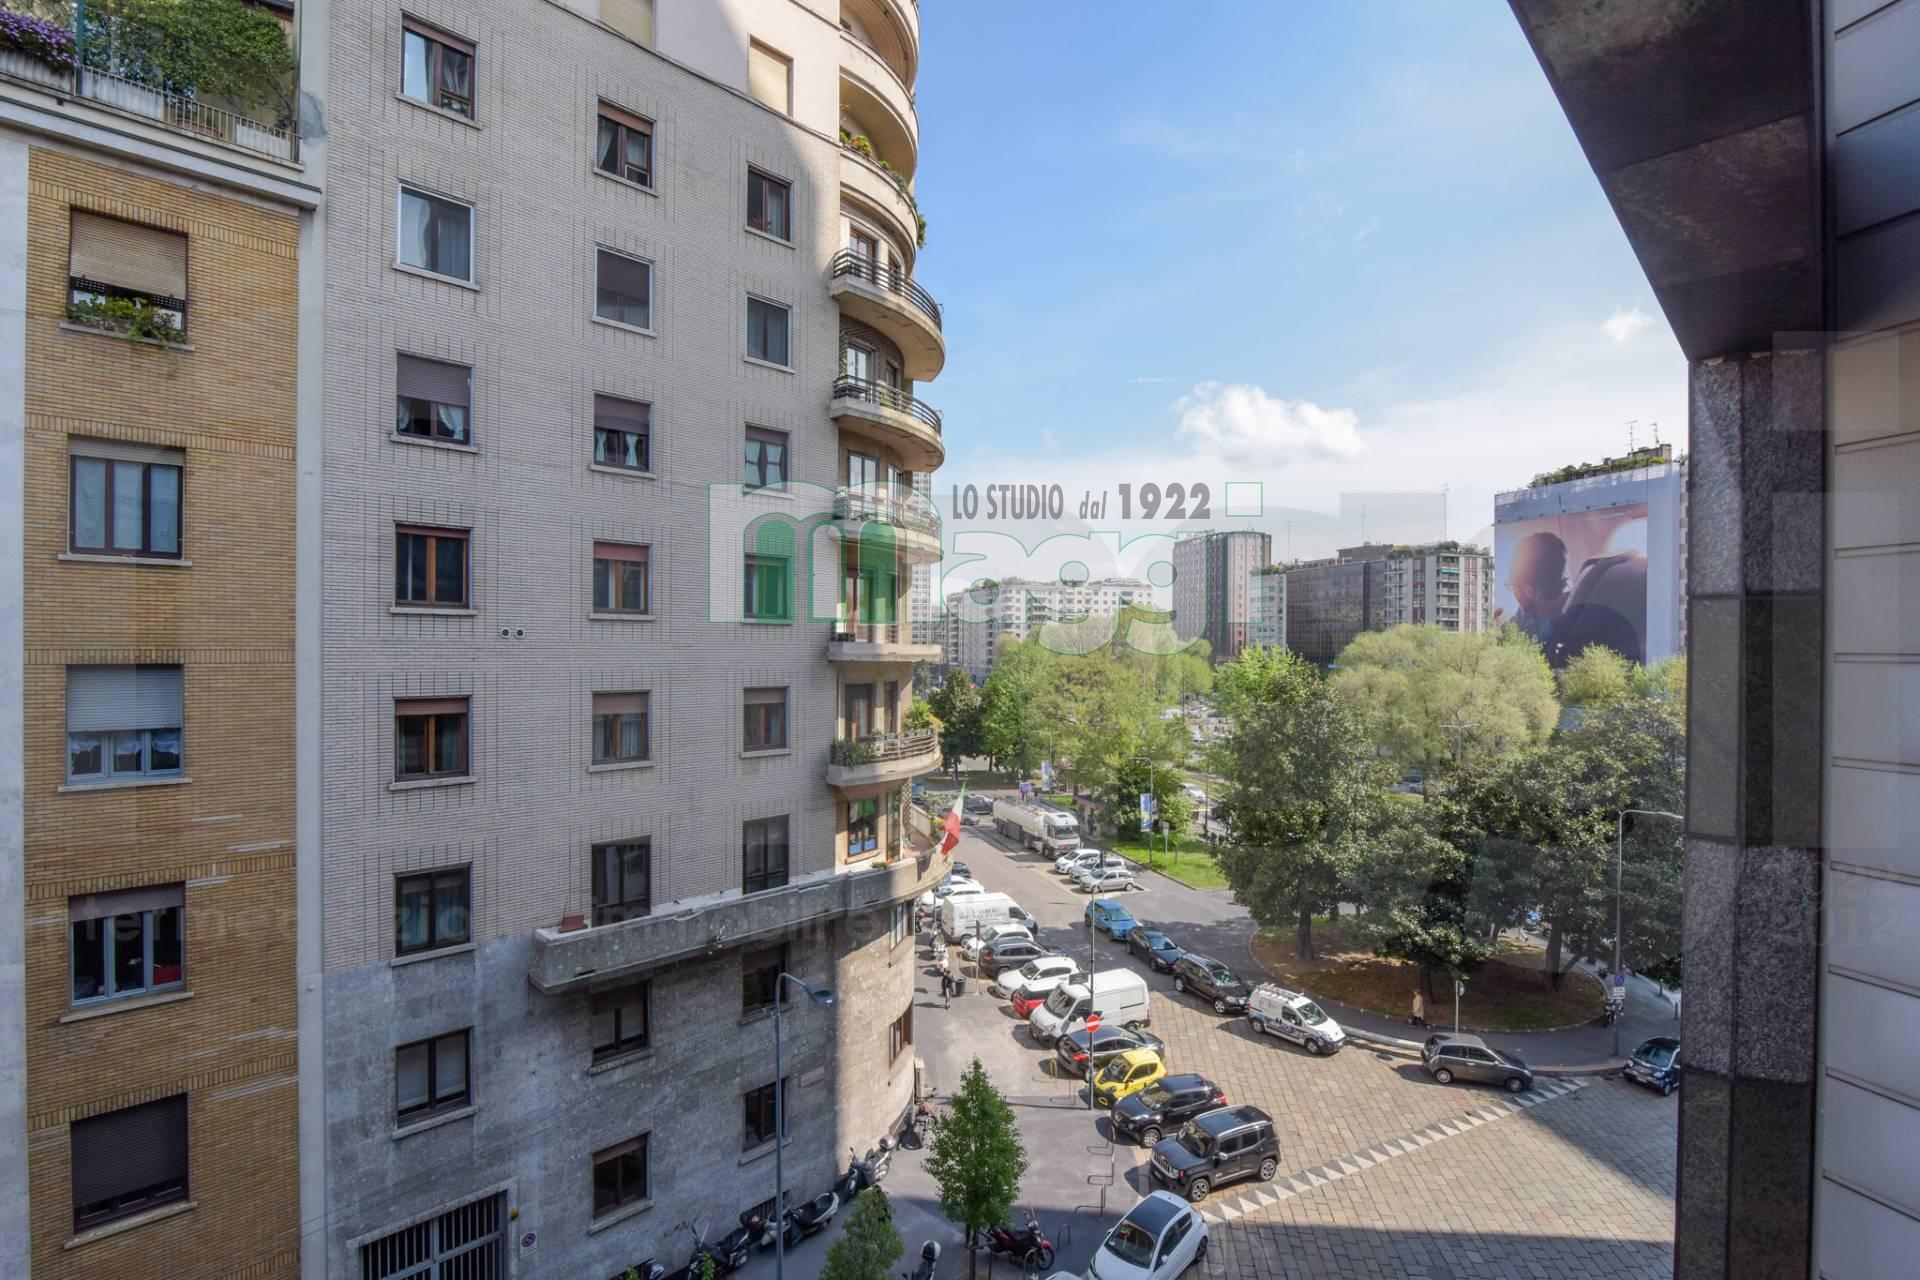 Appartamento in vendita a Milano, 2 locali, zona Località: Repubblica, prezzo € 380.000 | Cambio Casa.it